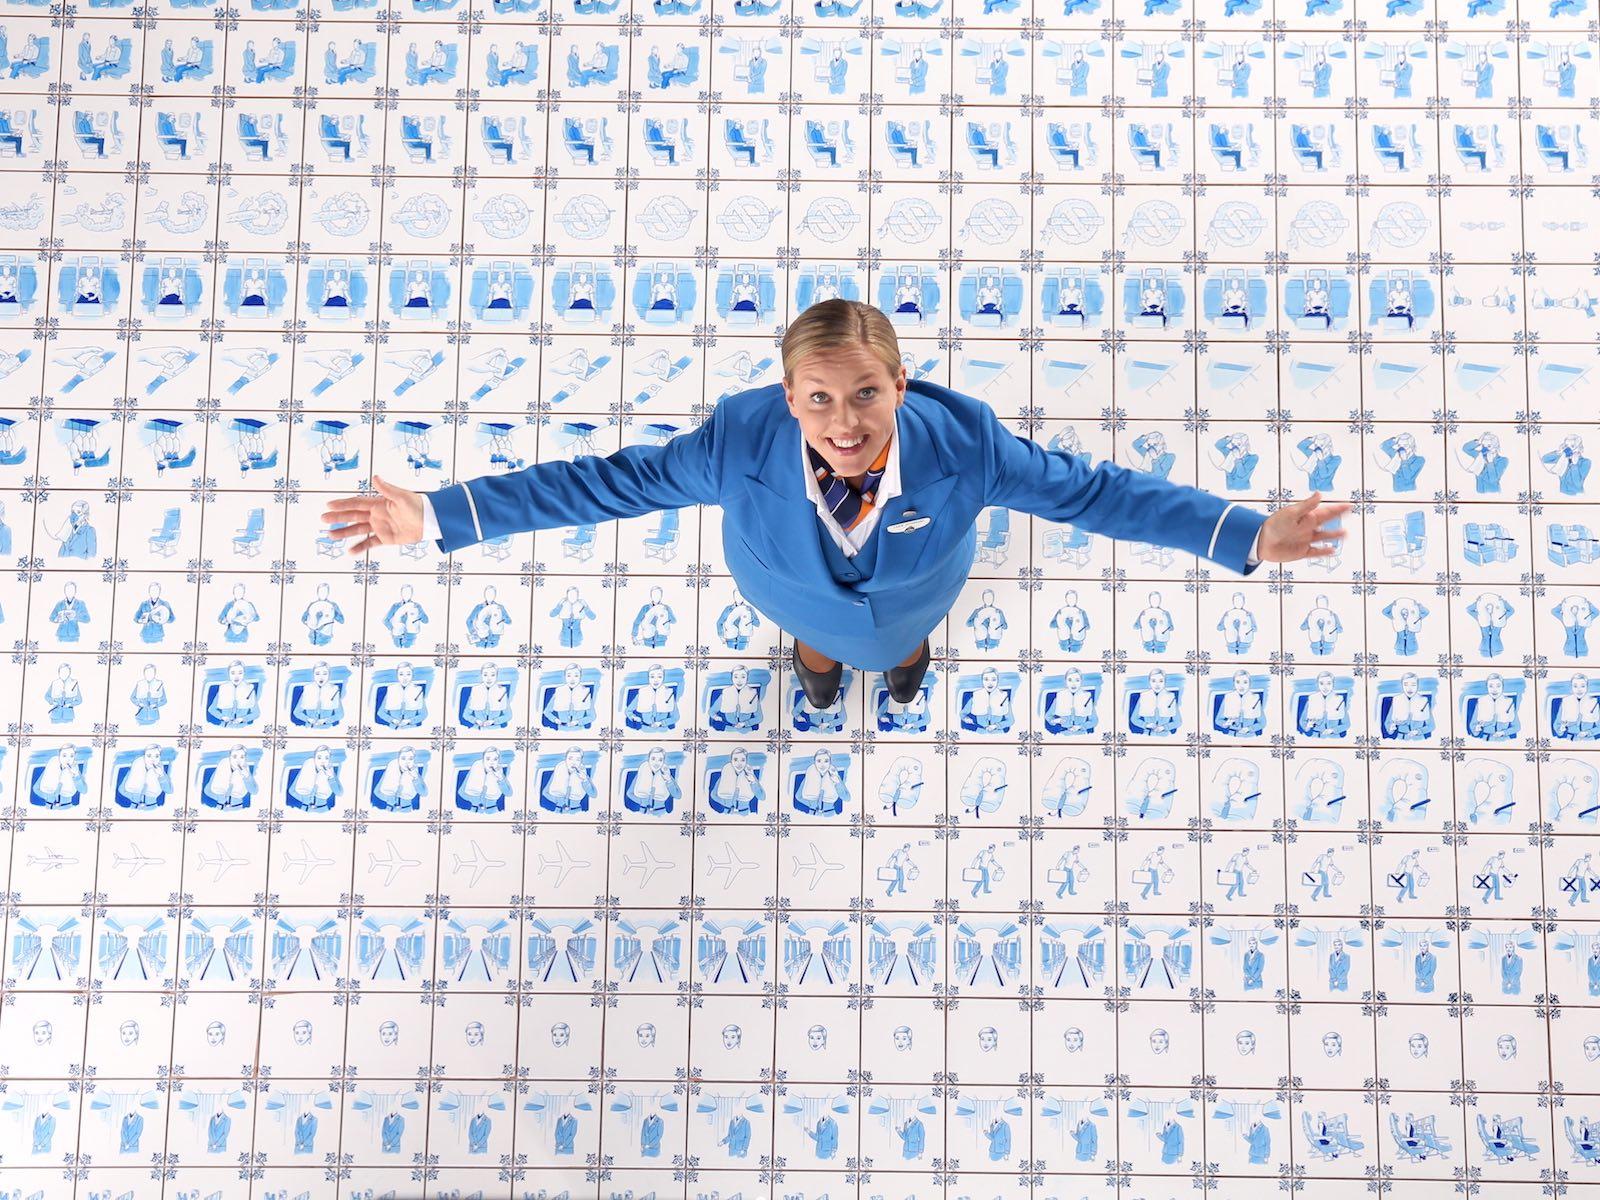 KLM safety film